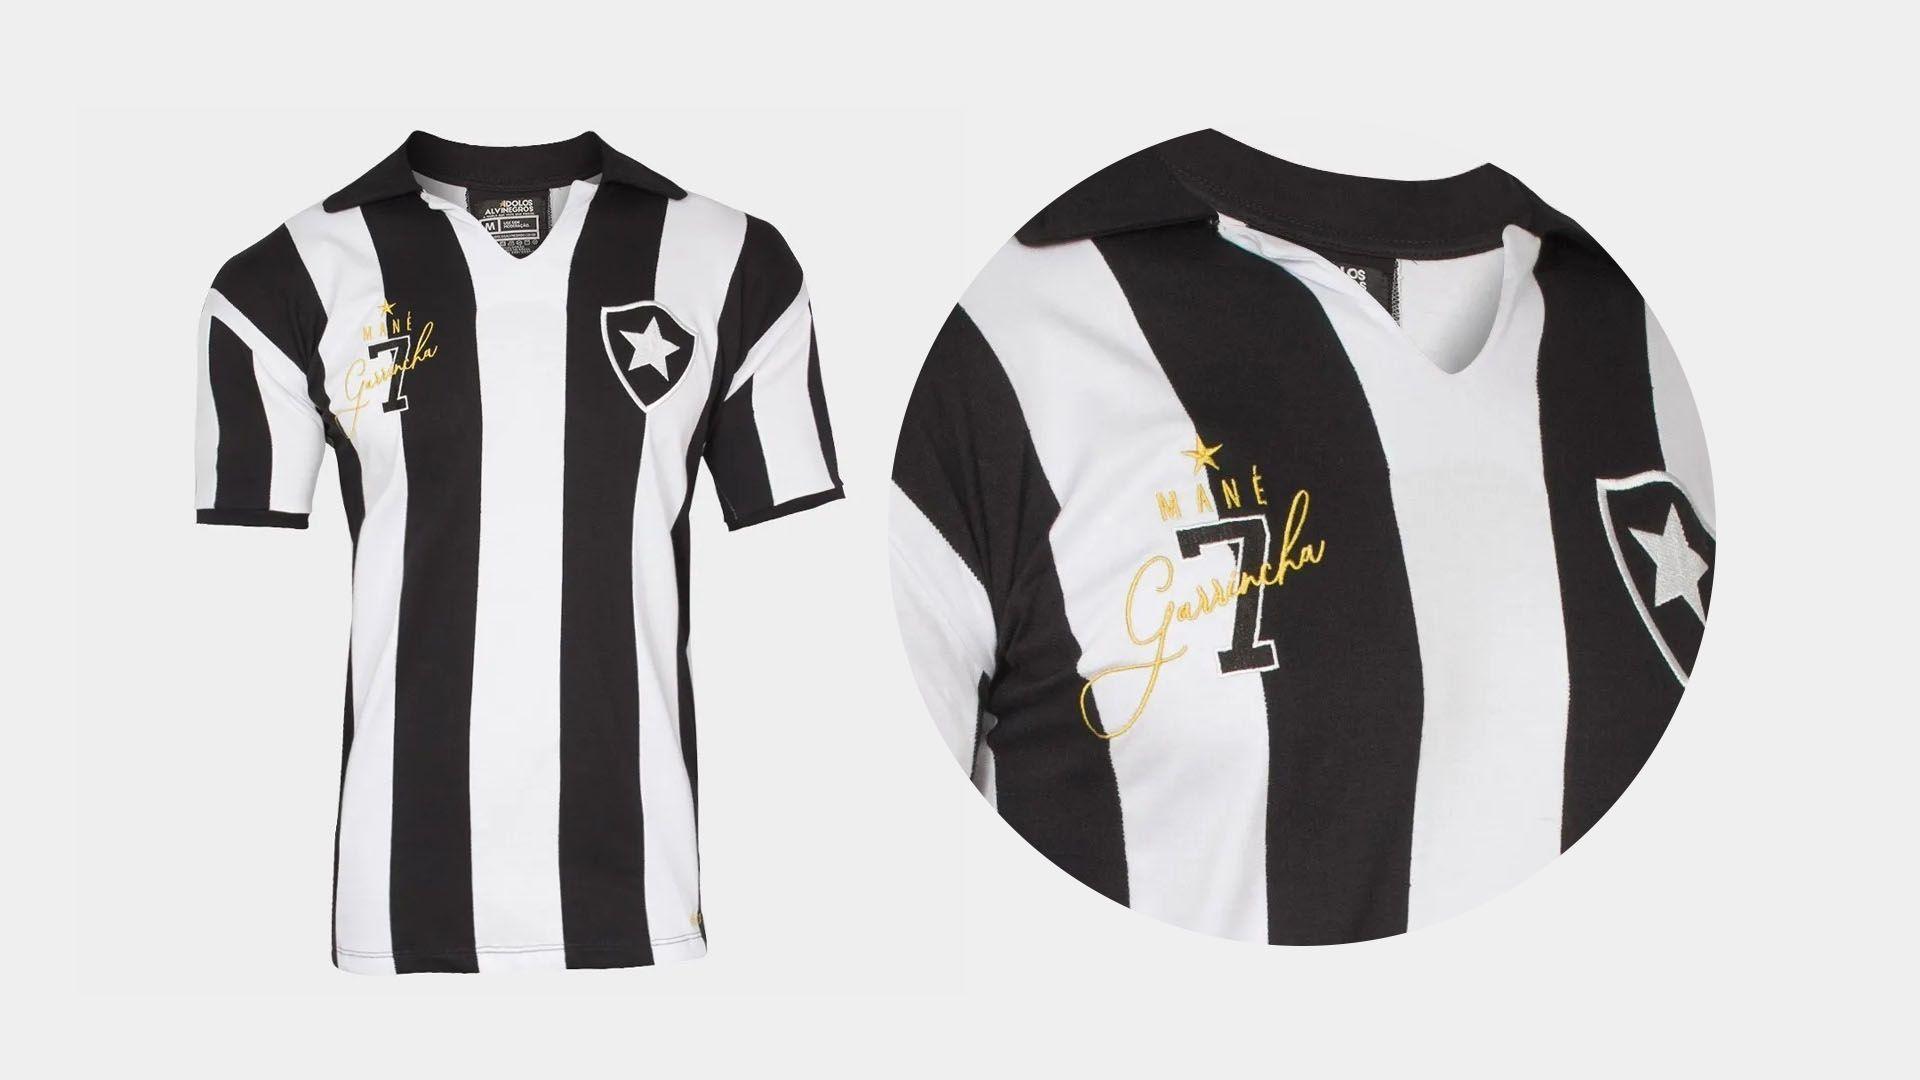 Camisa do Botafogo Retrô Garrincha (Imagem: Divulgação/Liga Retrô)